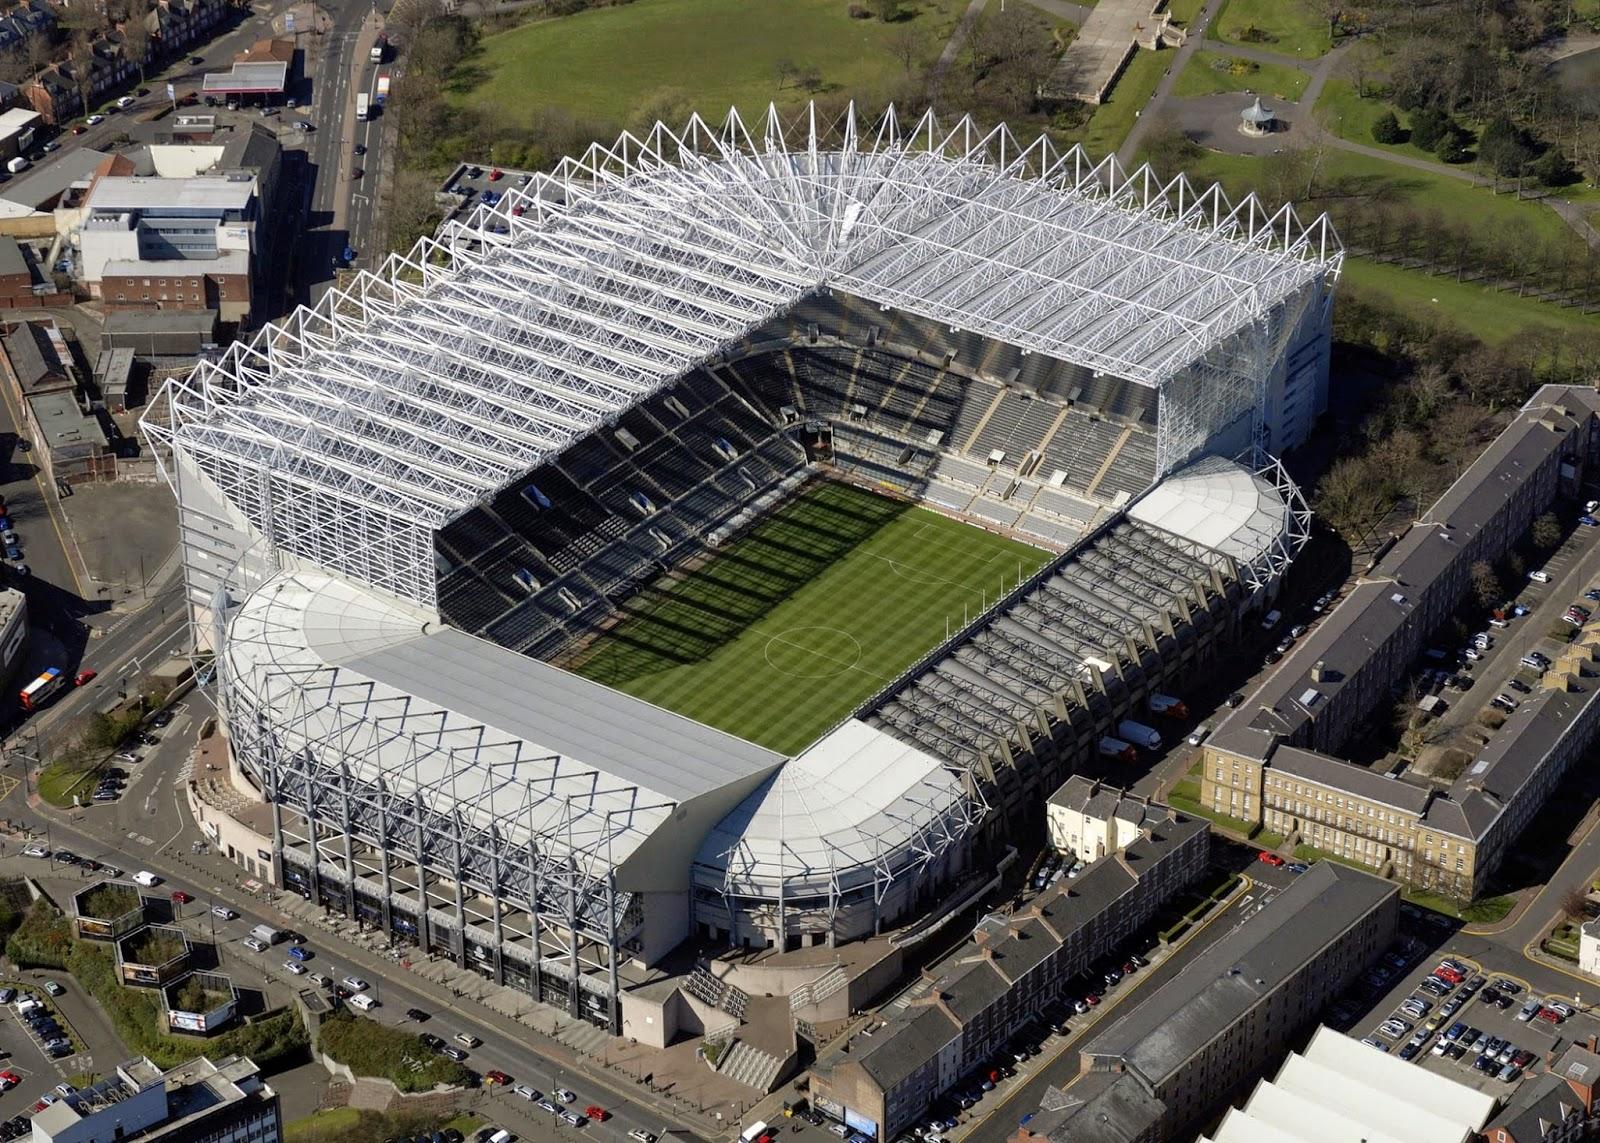 St James' Park Stadium_newcastle united